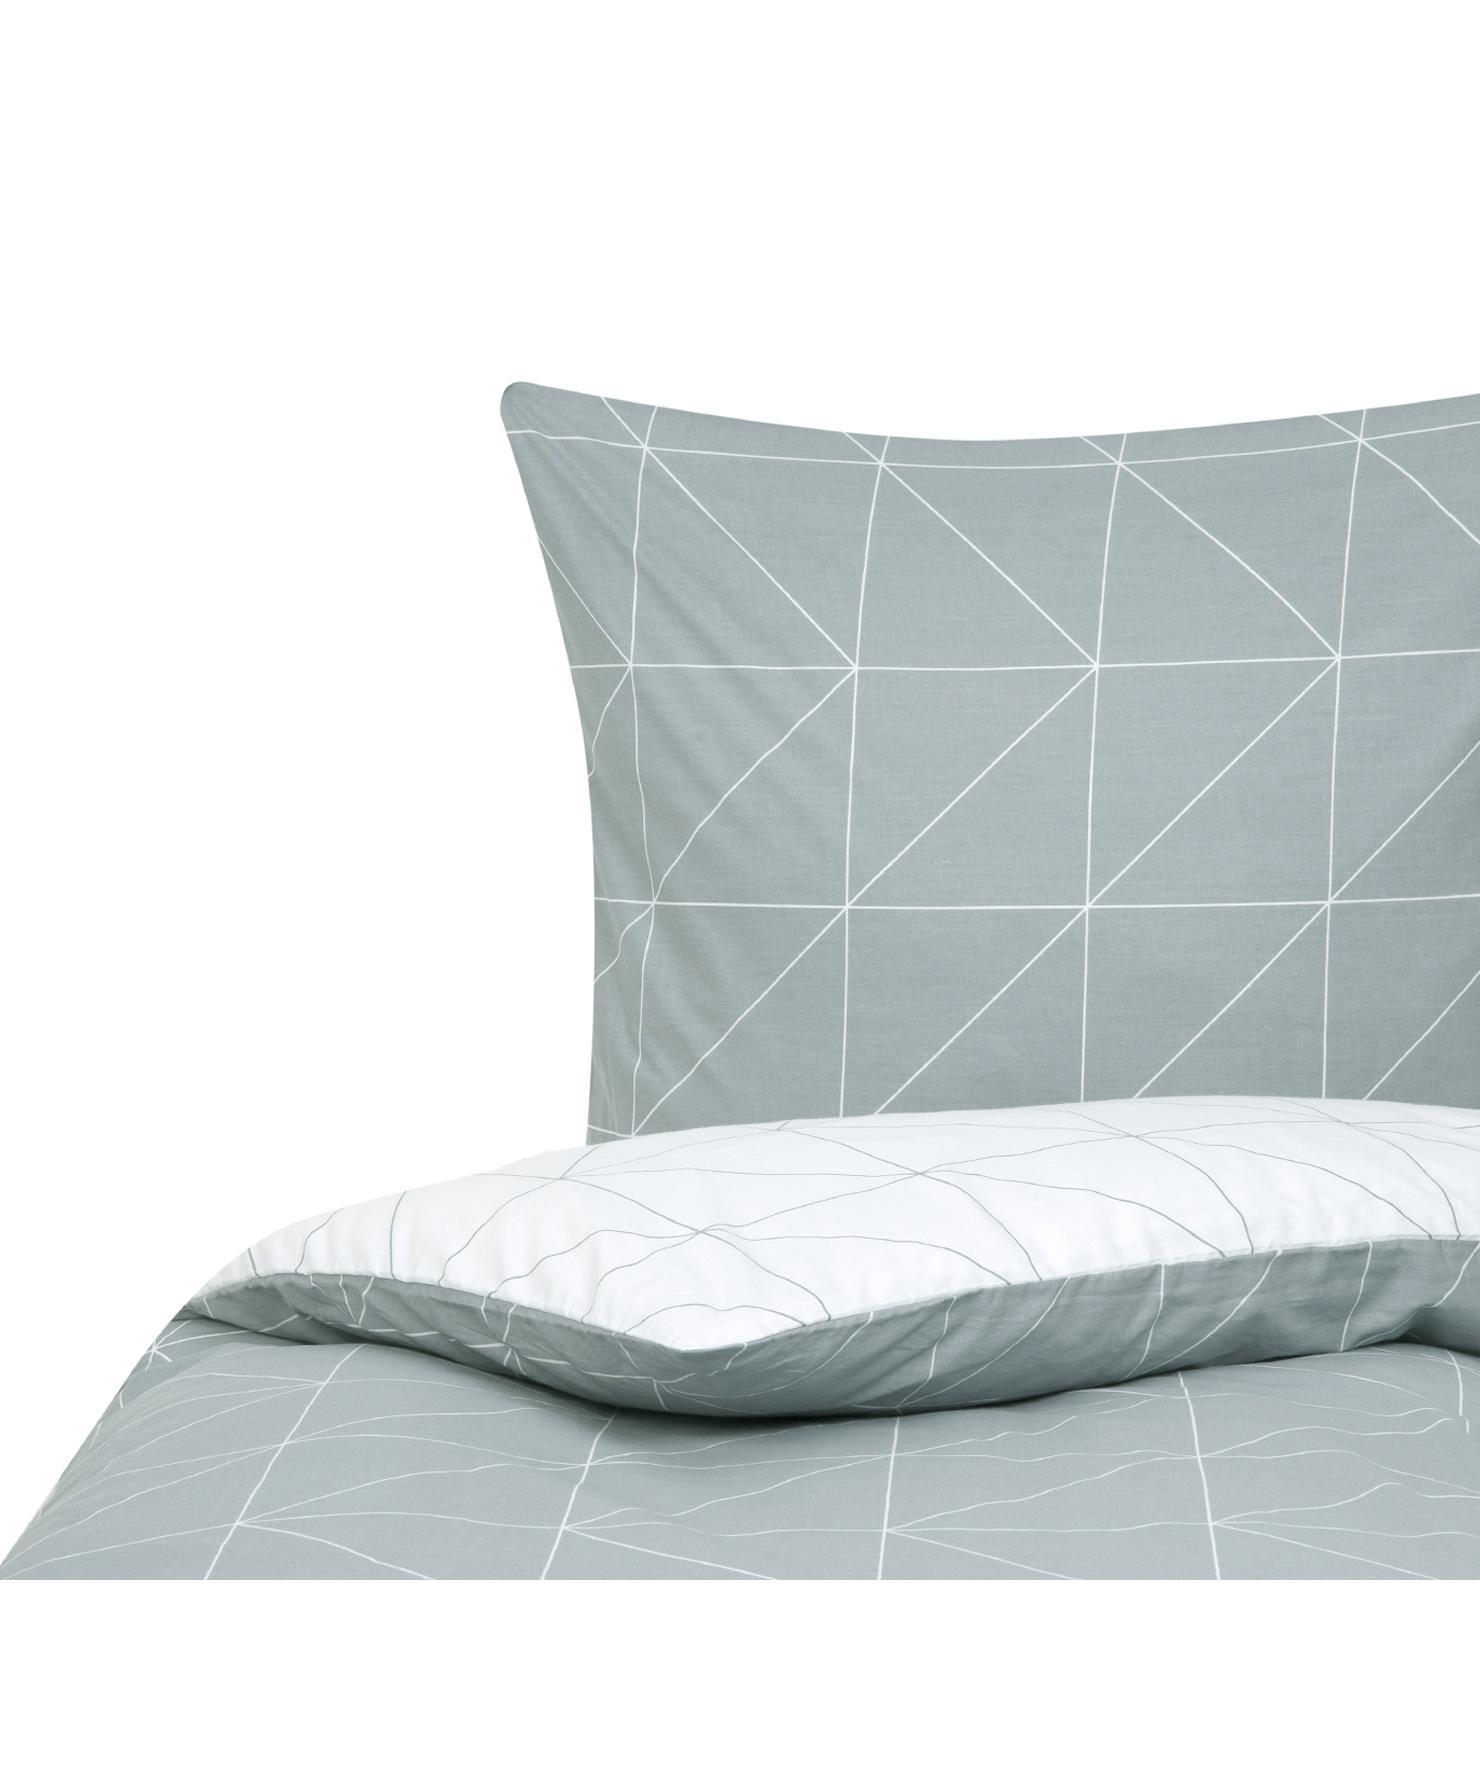 Baumwoll-Wendebettwäsche Marla mit grafischem Muster, Webart: Renforcé Fadendichte 144 , Grau, Weiss, 155 x 220 cm + 1 Kissen 80 x 80 cm